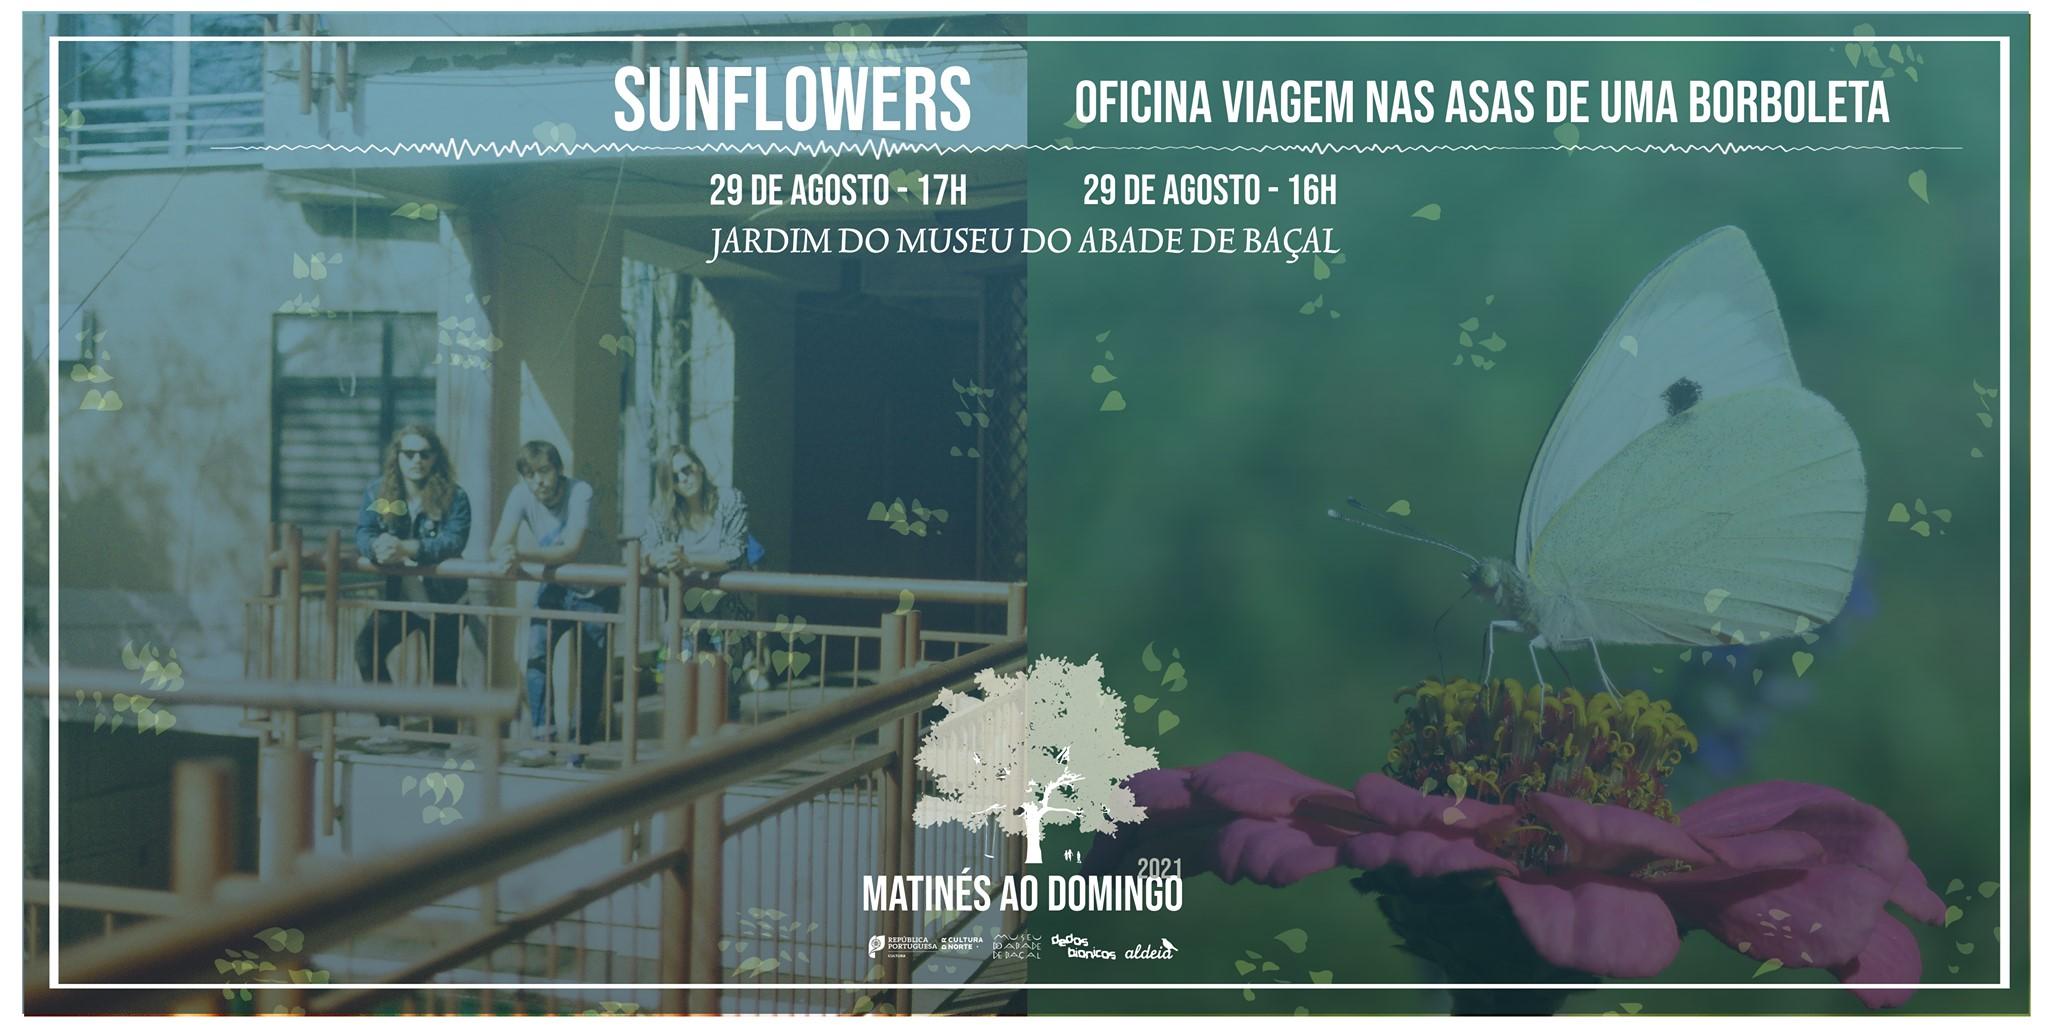 Matinés ao Domingo com Sunflowers + Oficina Viagem nas Asas de uma Borboleta